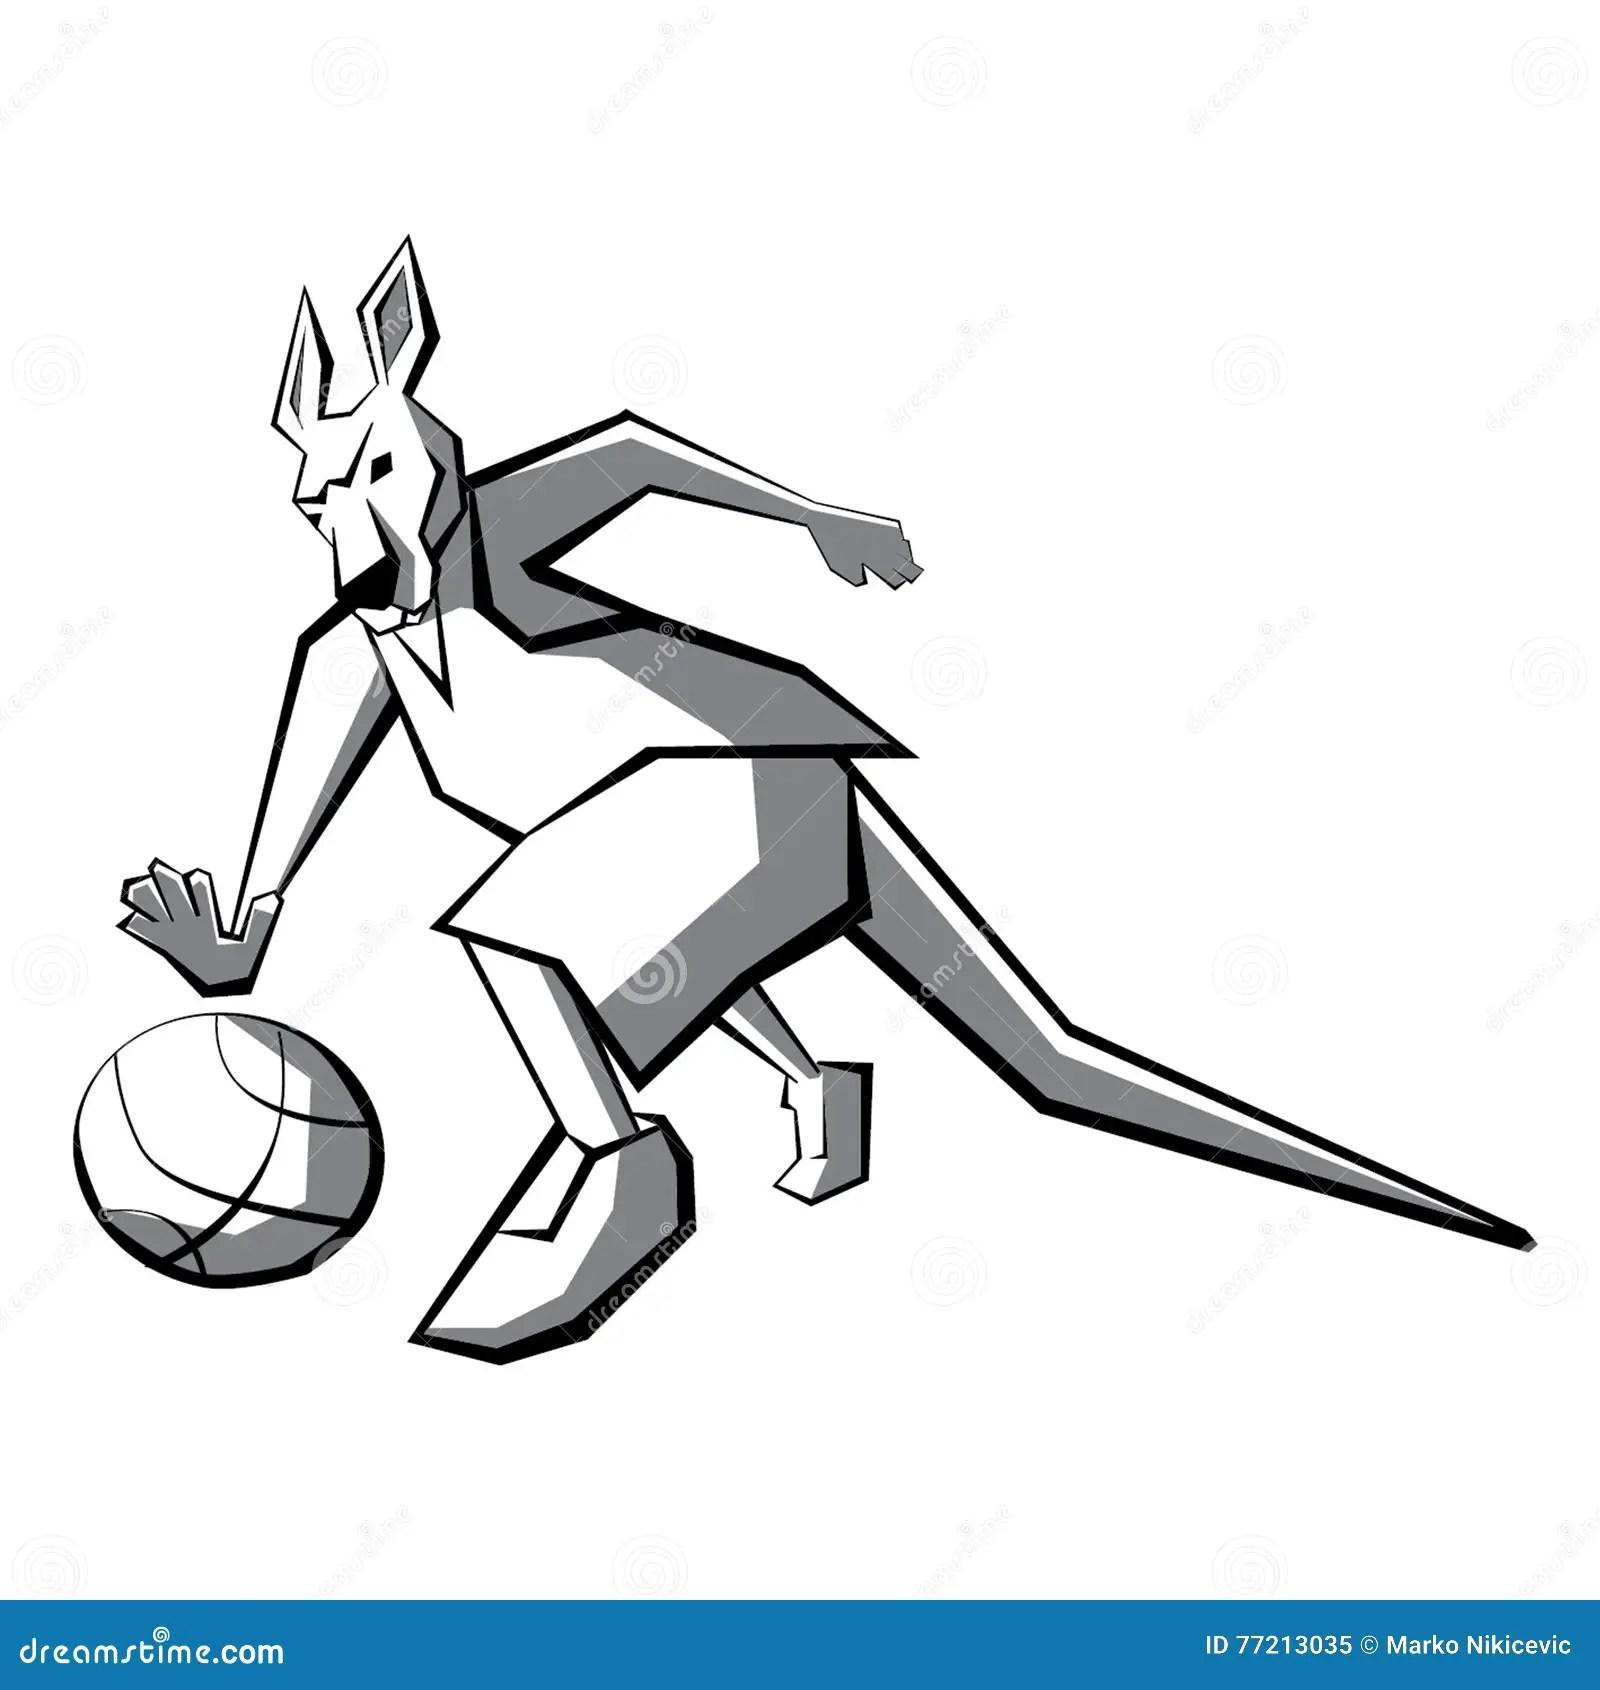 Kangaroo Basketball Player Stock Vector Image Of Wild